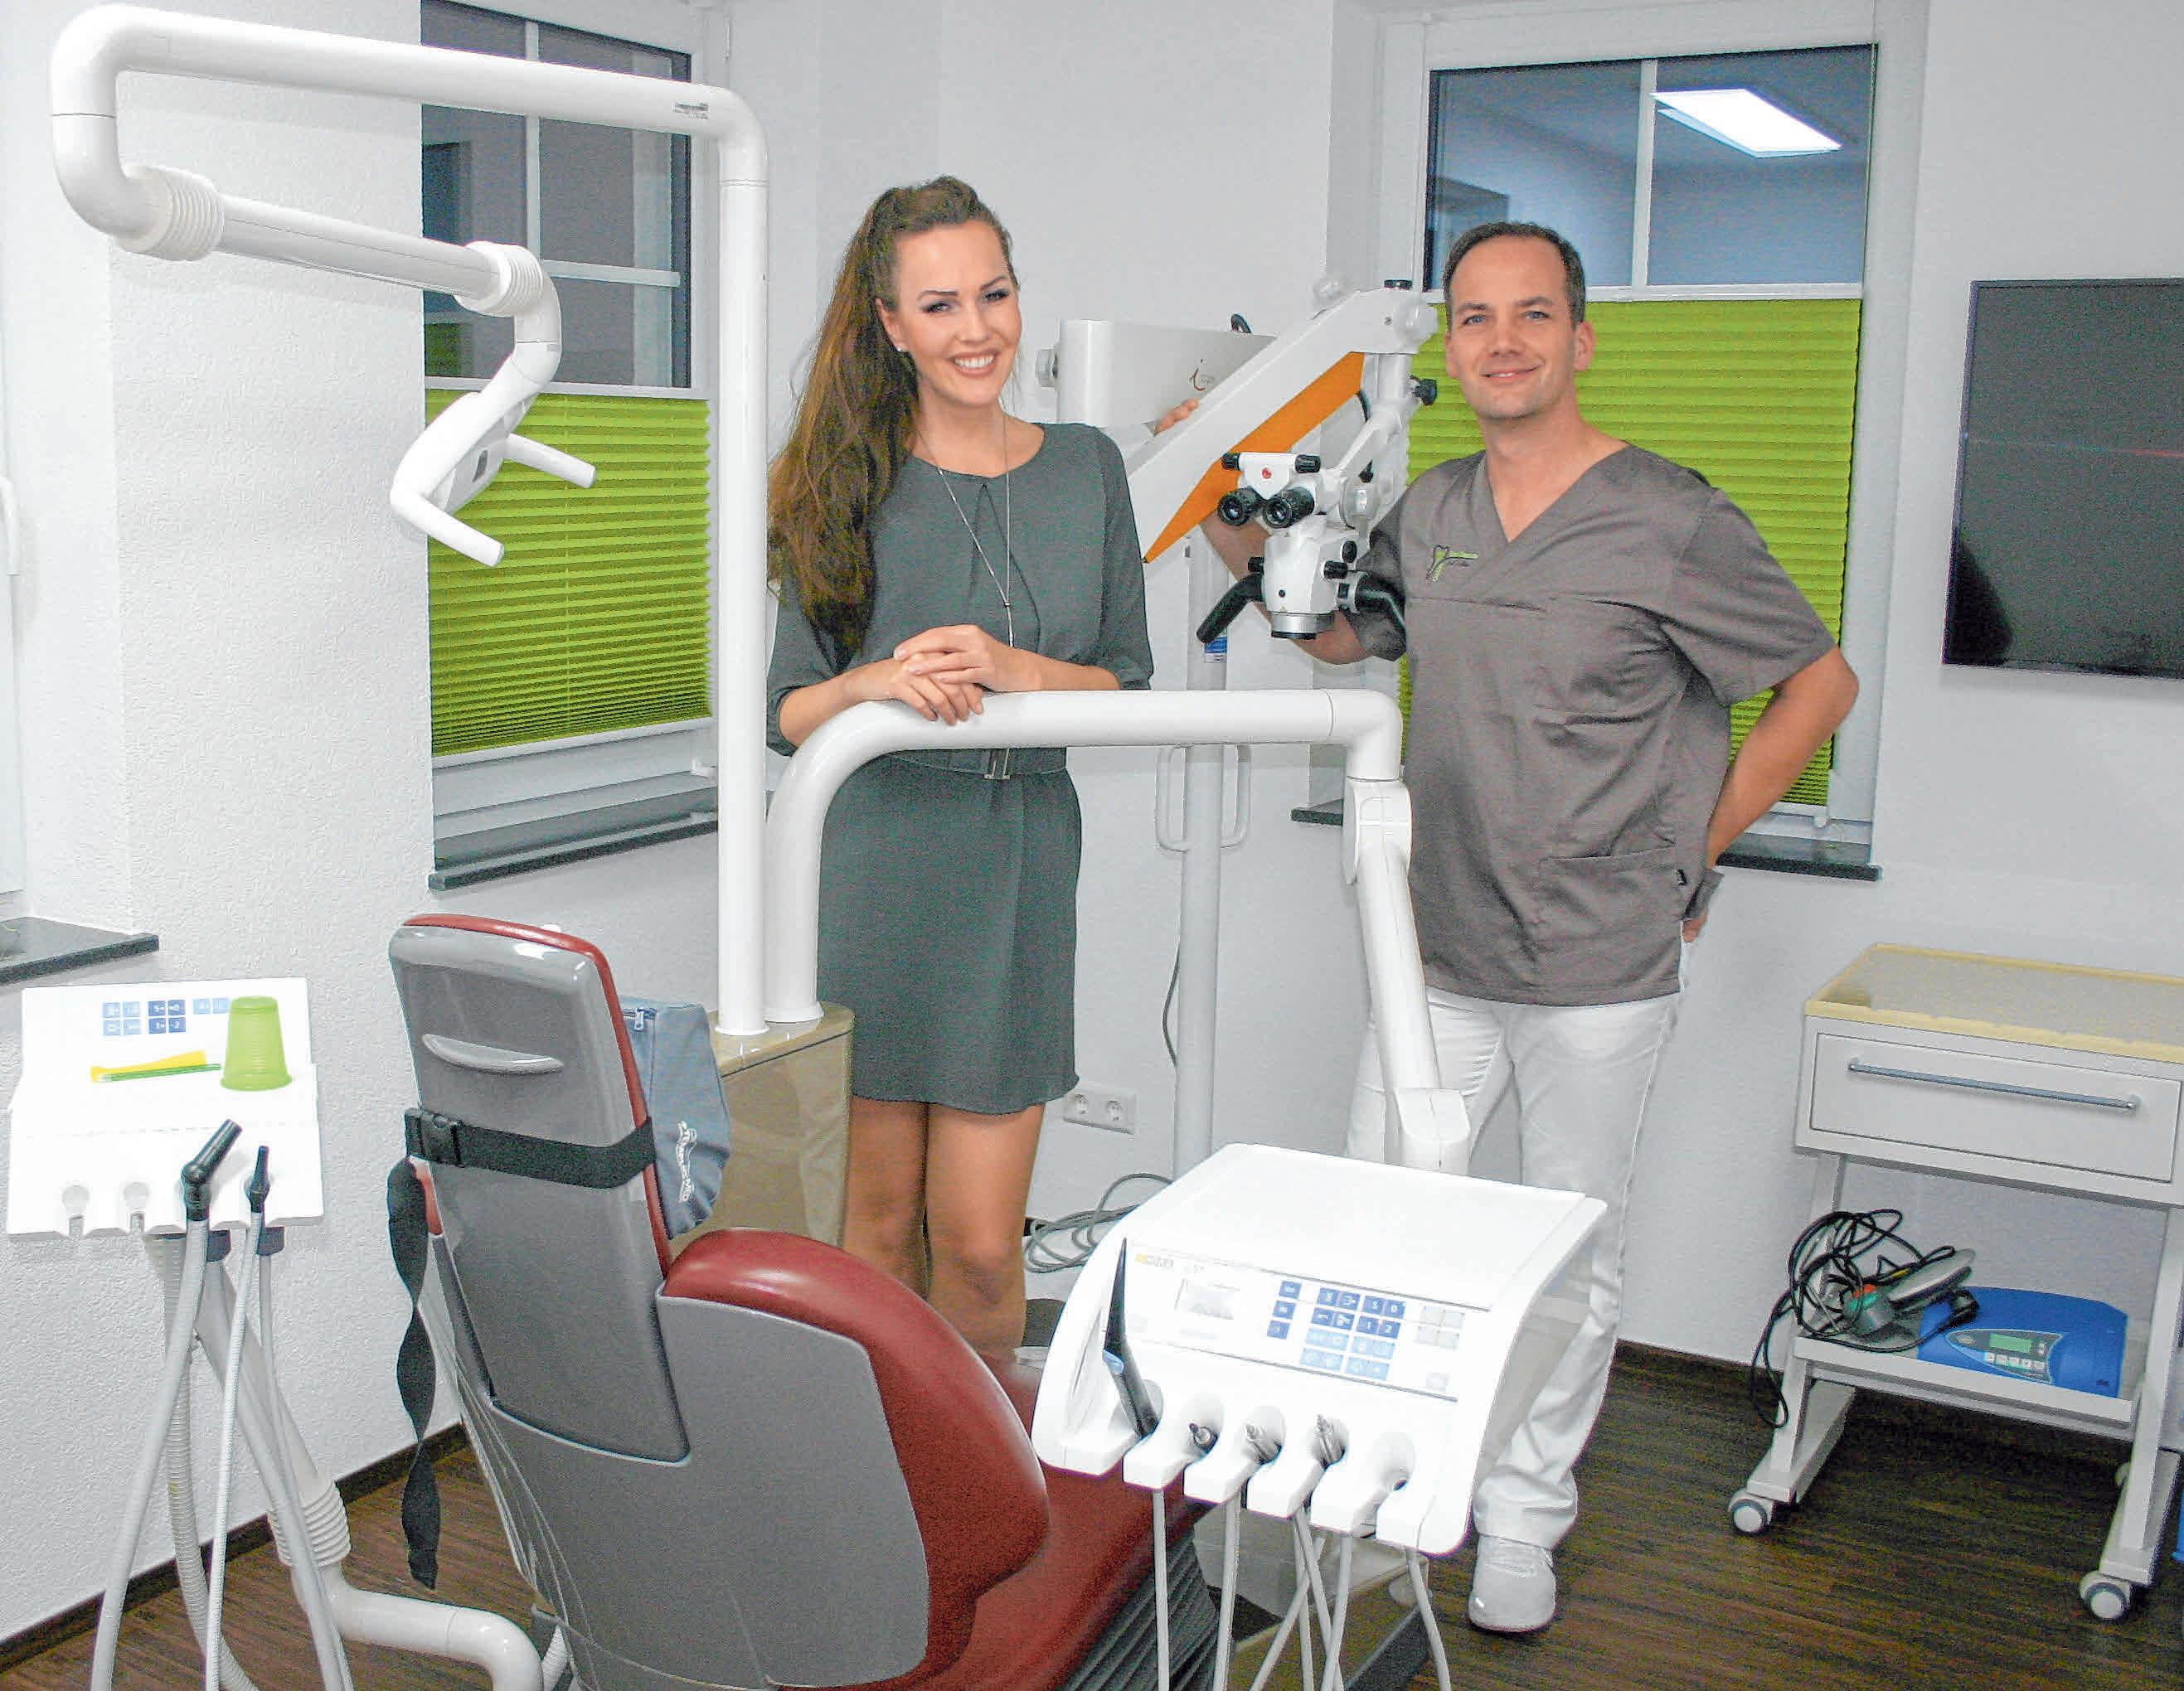 Dr. Sven Grünhagen als Zahnarzt und Ehefrau Heike als zahnmedizinische Fachangestellte kümmern sich in modern ausgestatteten Behandlungszimmern um die Patienten.